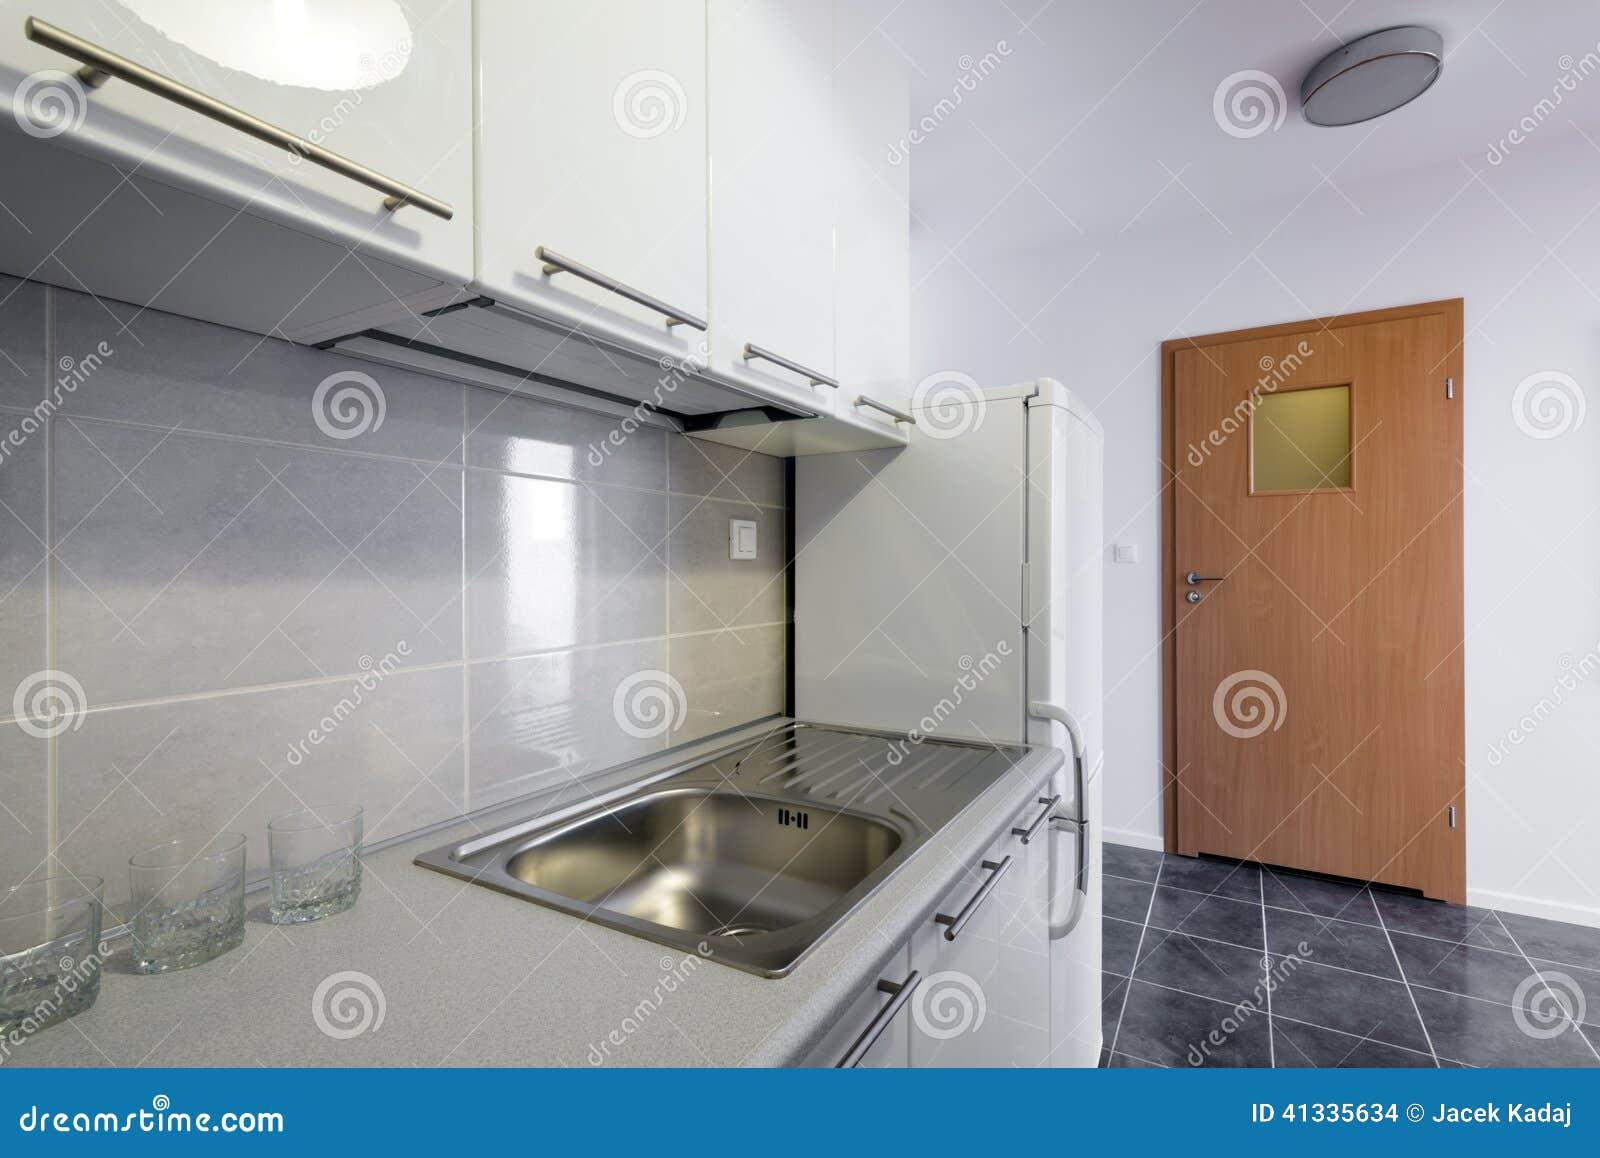 Saubere Innenarchitektur Der Modernen Weißen Küche Stockfoto - Bild ...